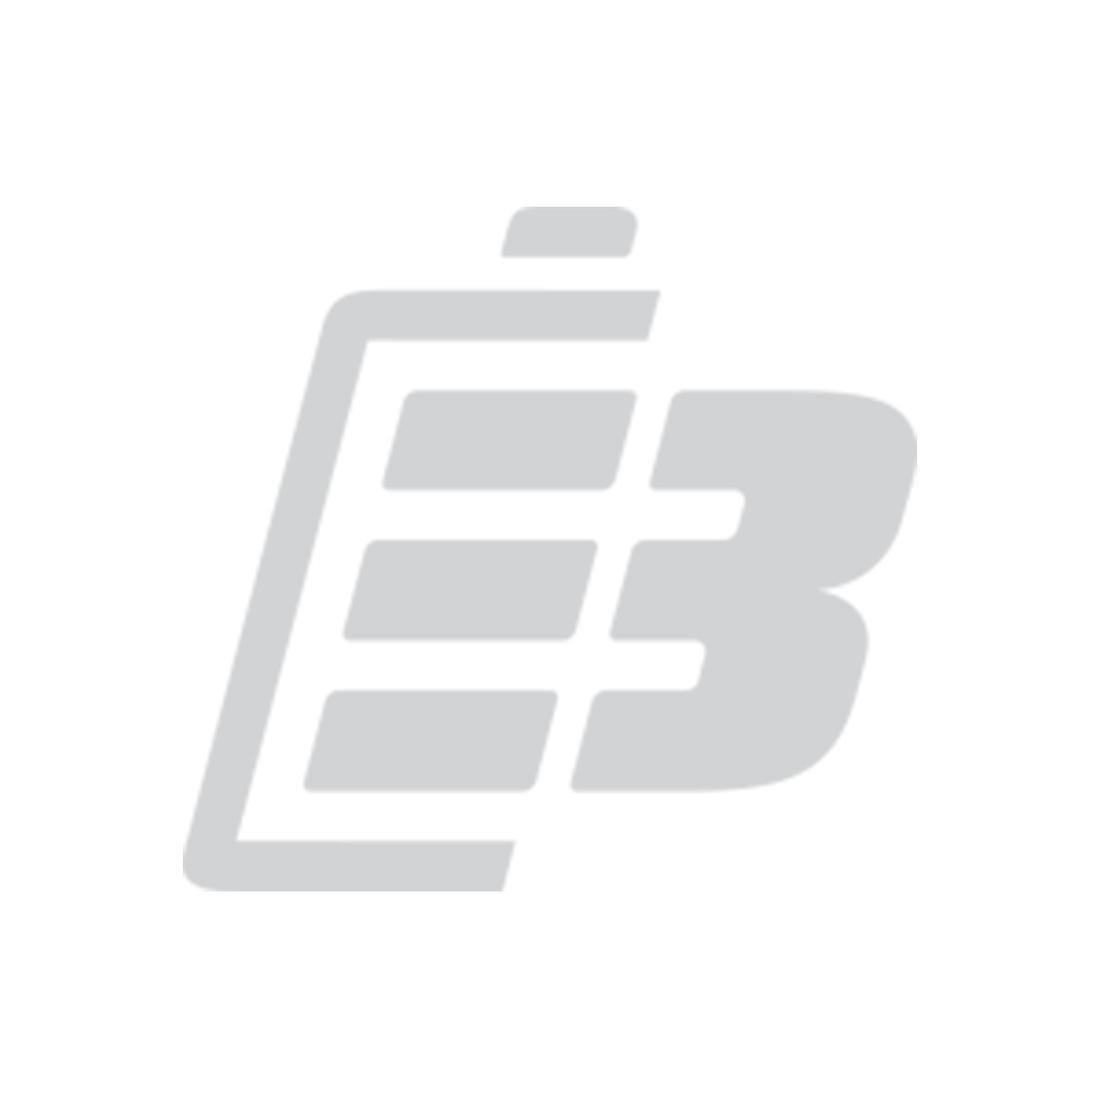 Choetech AB0013-BK Micro USB OTG Cable 0.2 m